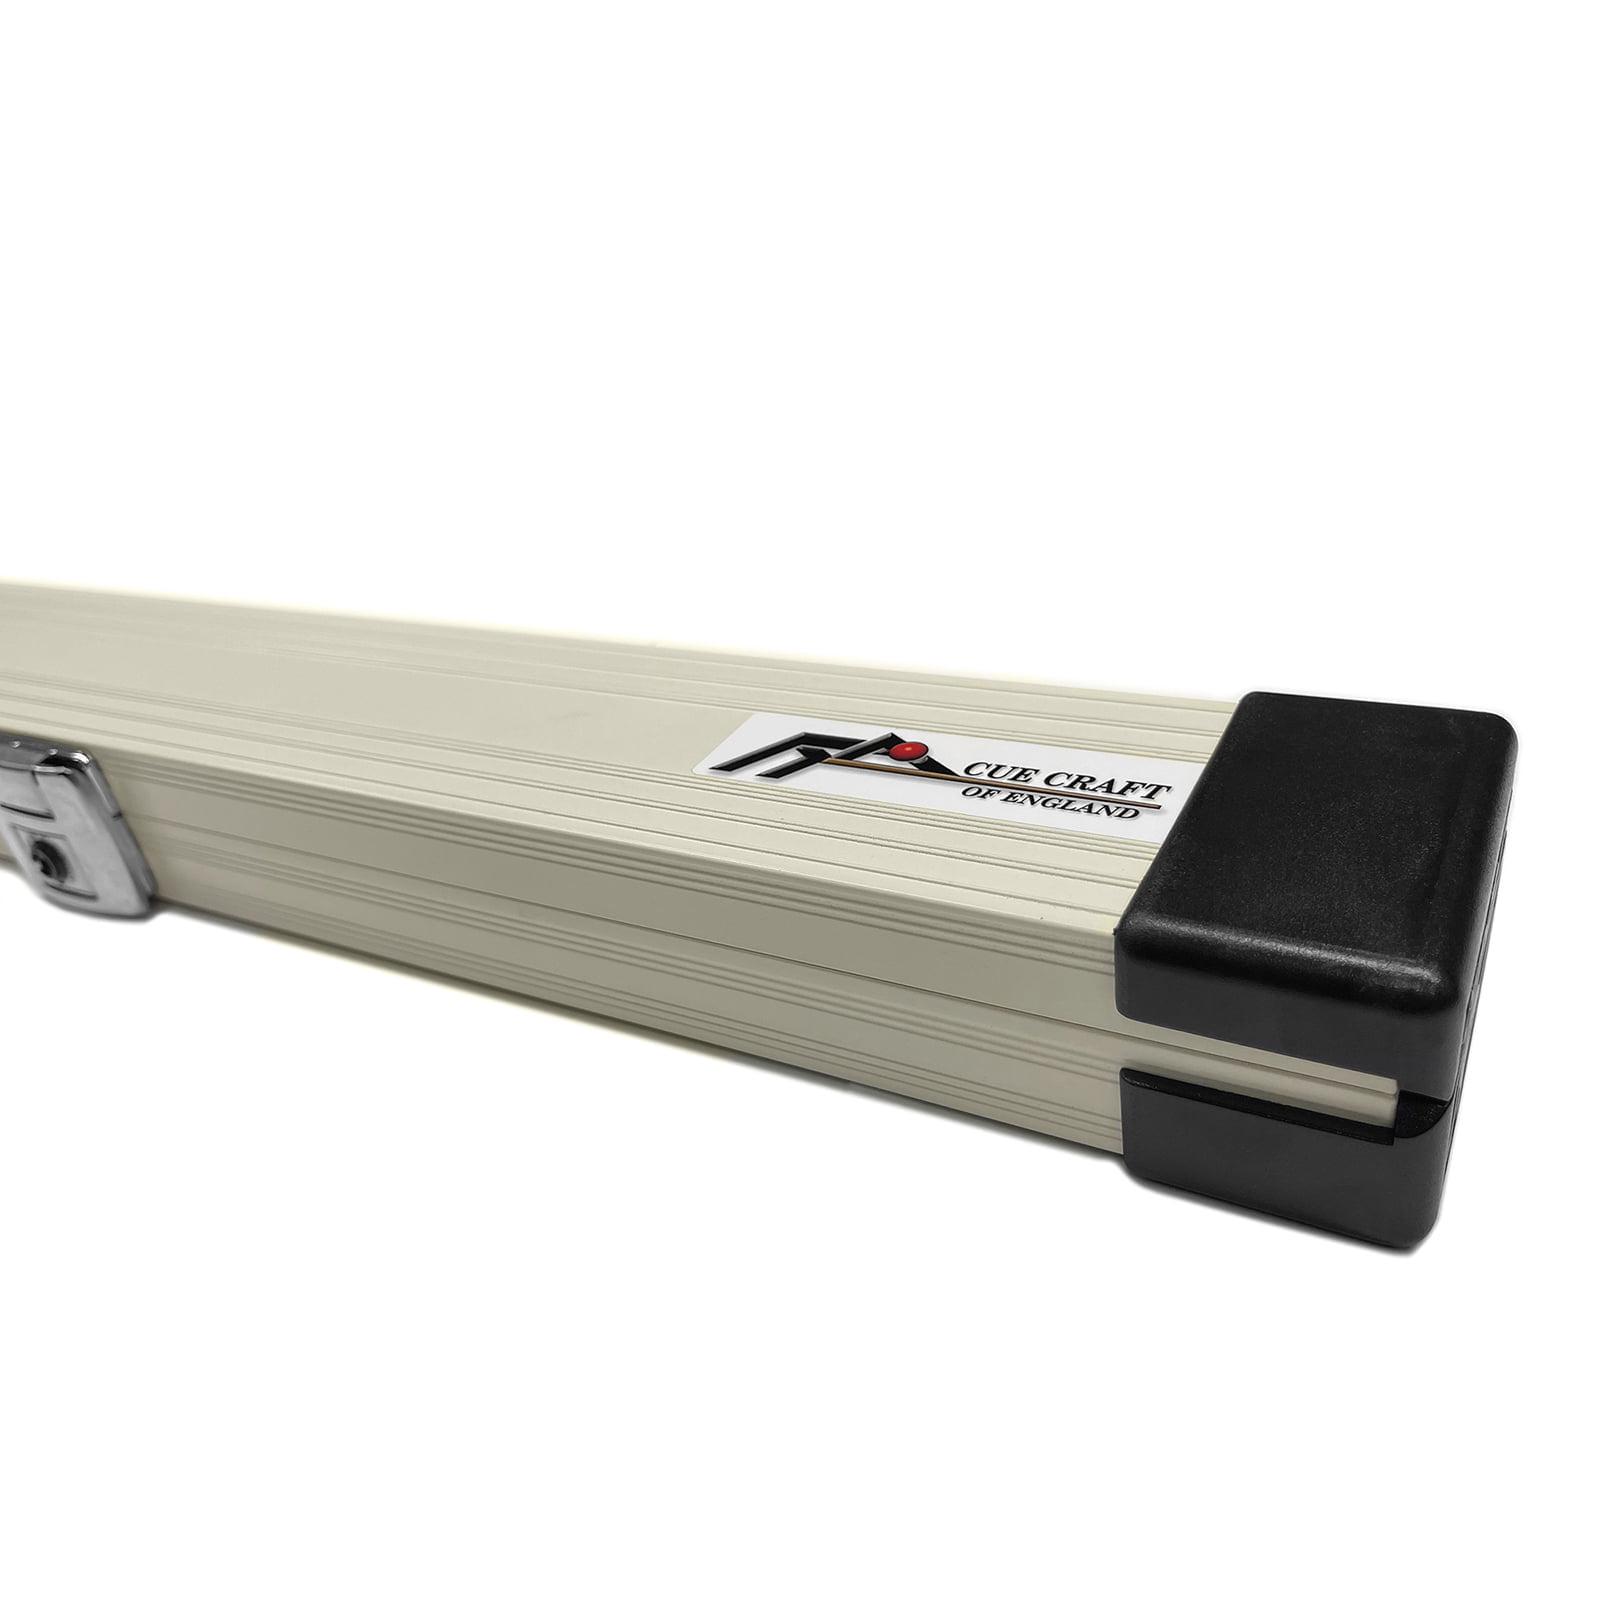 Cue Craft White Bespoke 1 Piece Aluminium Snooker Cue Case